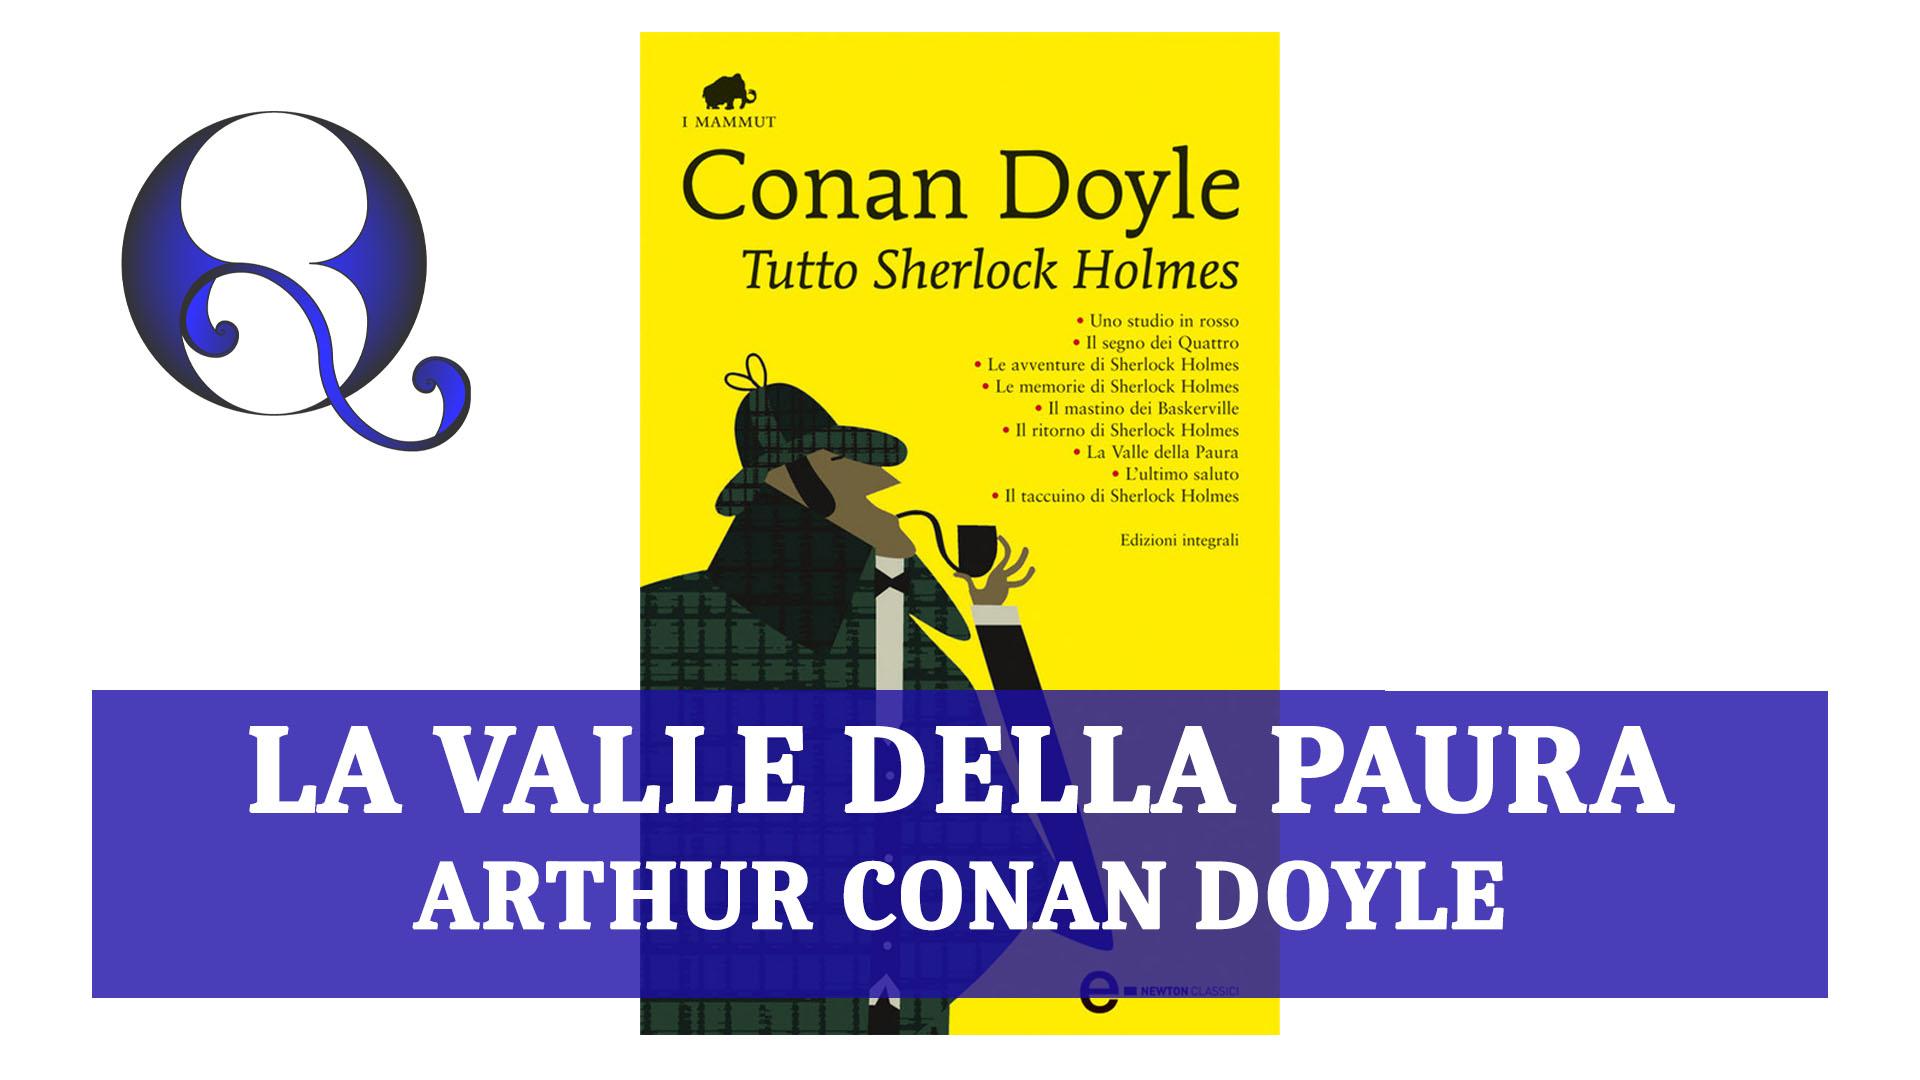 TUTTO SHERLOCK HOLMES – LA VALLE DELLA PAURA di ARTHUR CONAN DOYLE: riassunto libro